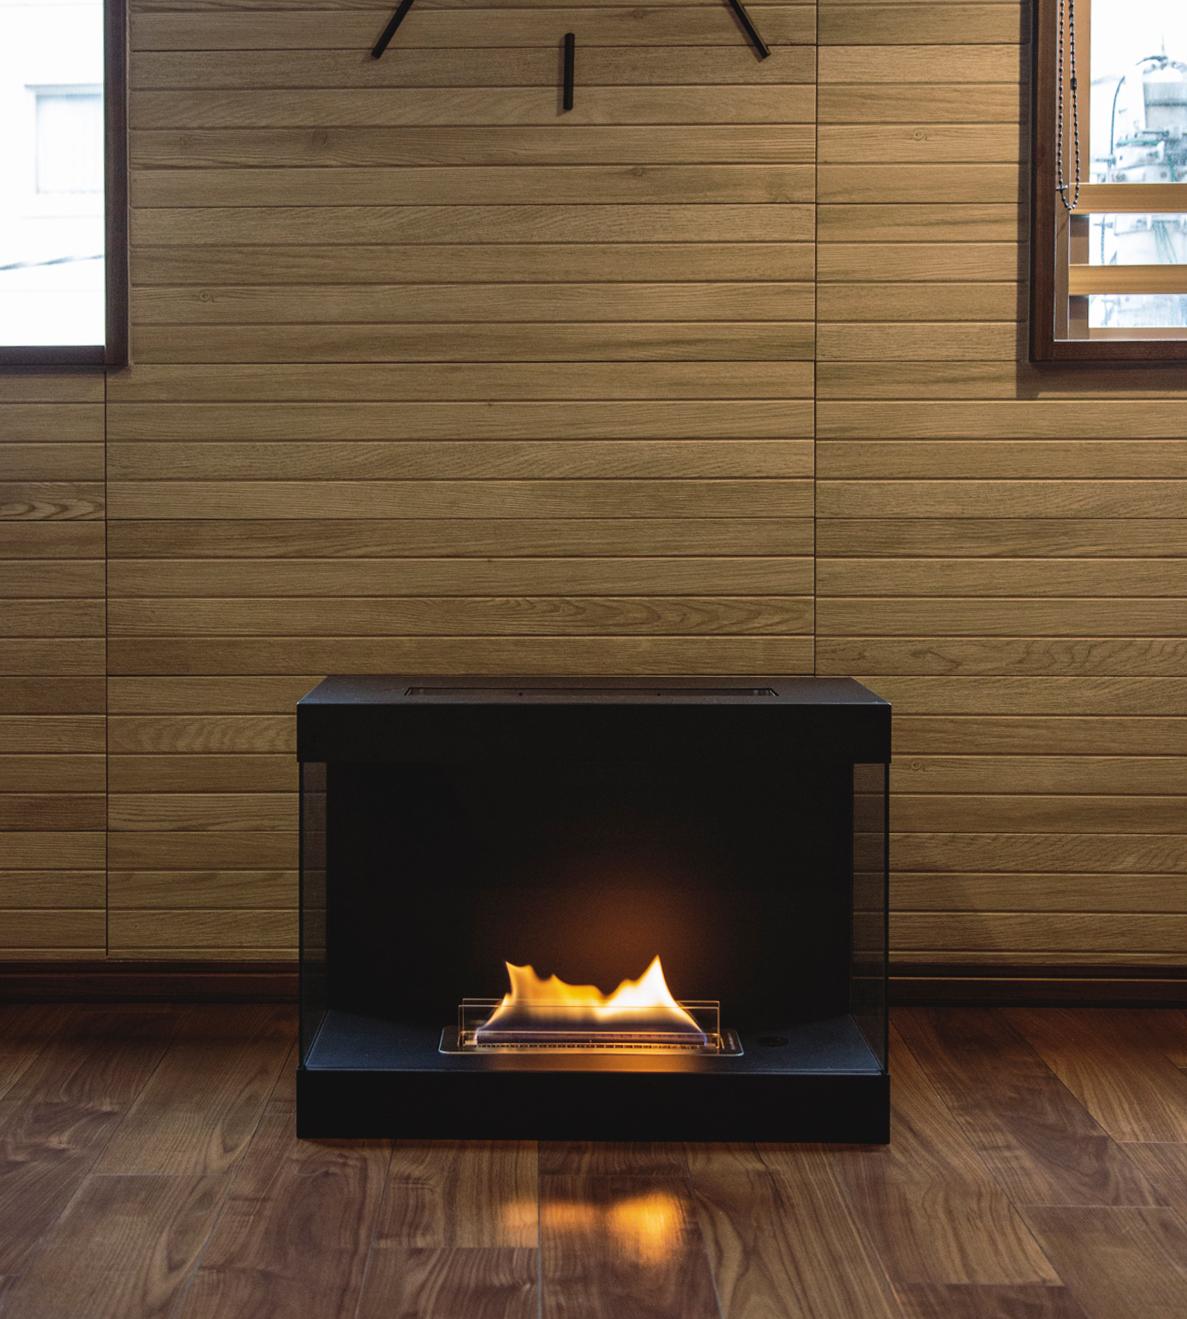 大きな炎が燃え続けますが、熱で床を傷める心配も、まずありません。安全な専用燃料で片づけいらず、ニオイも煙も出ないから、家のどこにでも置けるバイオエタノール燃料を使った「暖炉」|LOVINFLAME VENTFREE